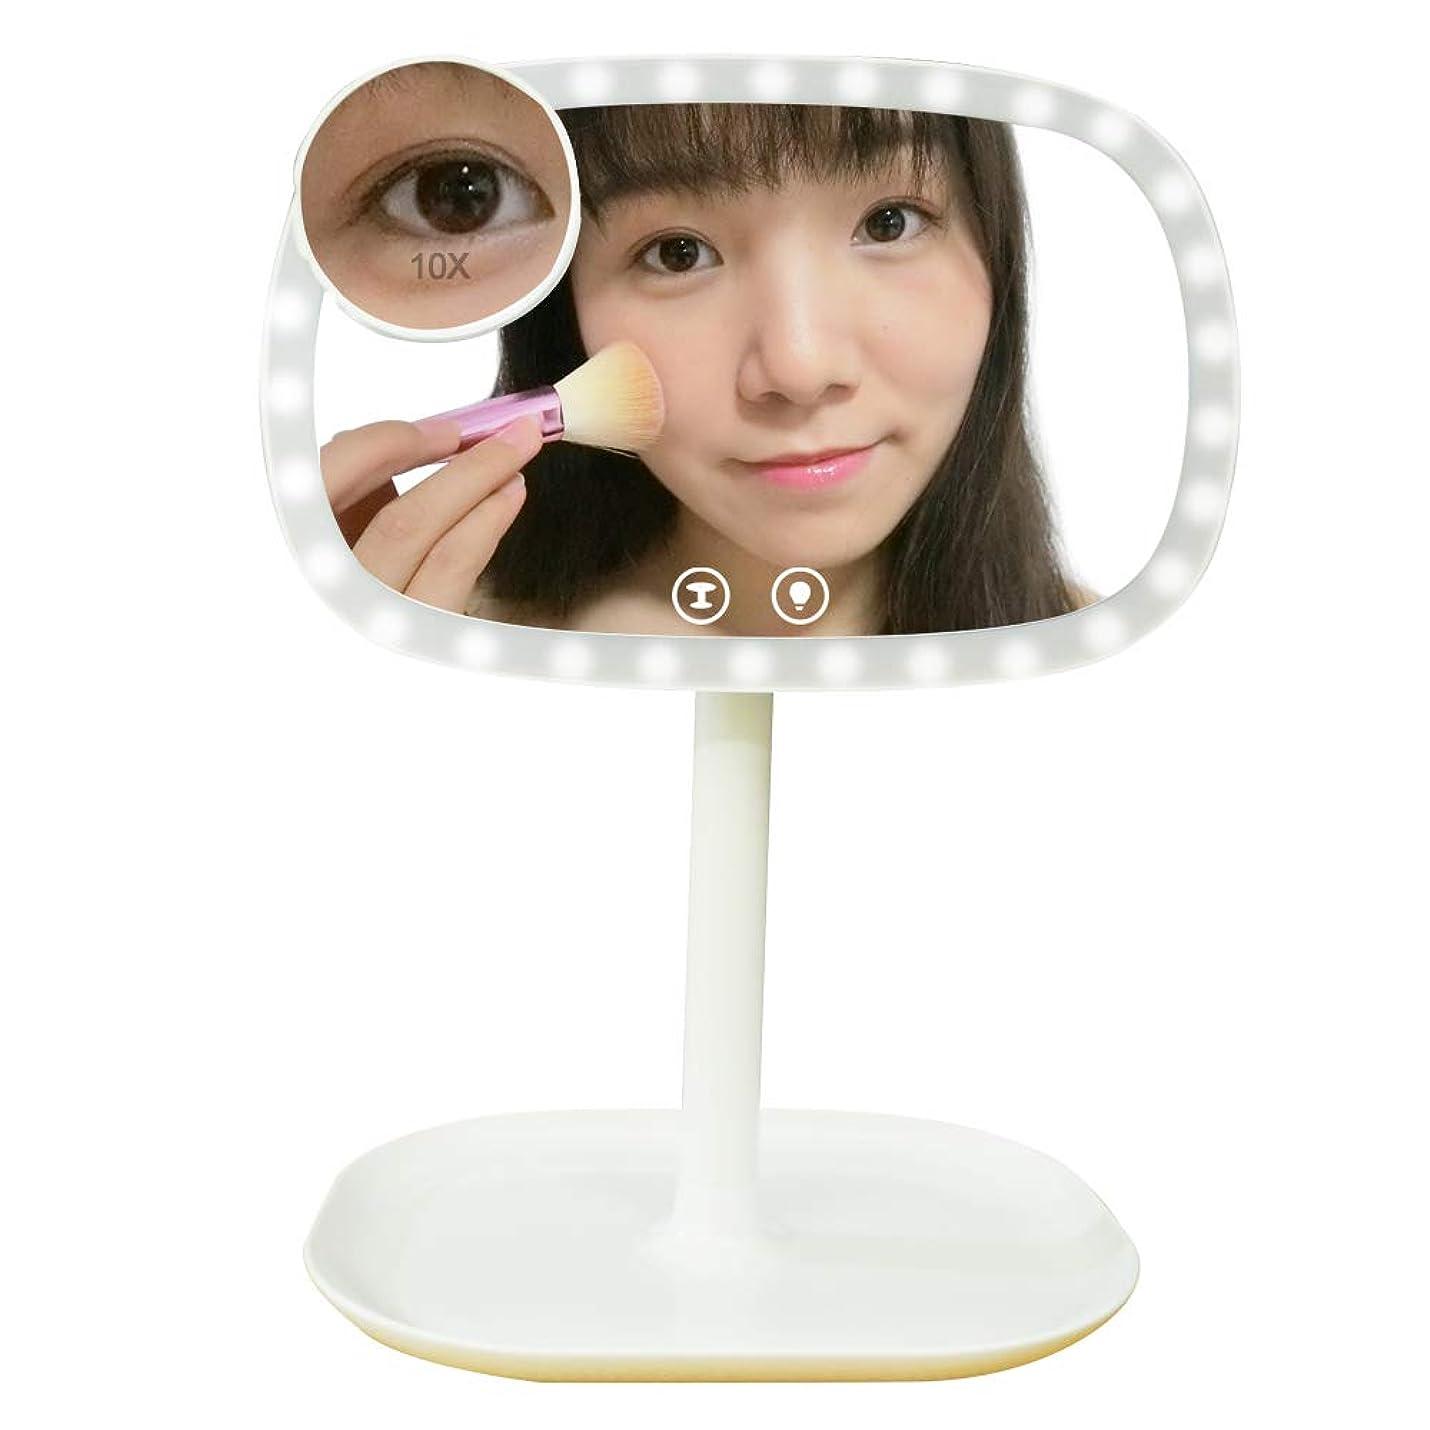 考えどうやら帝国主義ホヨミ 鏡 LED 化粧鏡 化粧ミラー 女優ミラー 10倍 拡大鏡 テーブルランプ 明るさ調節可能電池&USB 2WAY 給電 360度回転 収納 プレゼント (ホワイト)